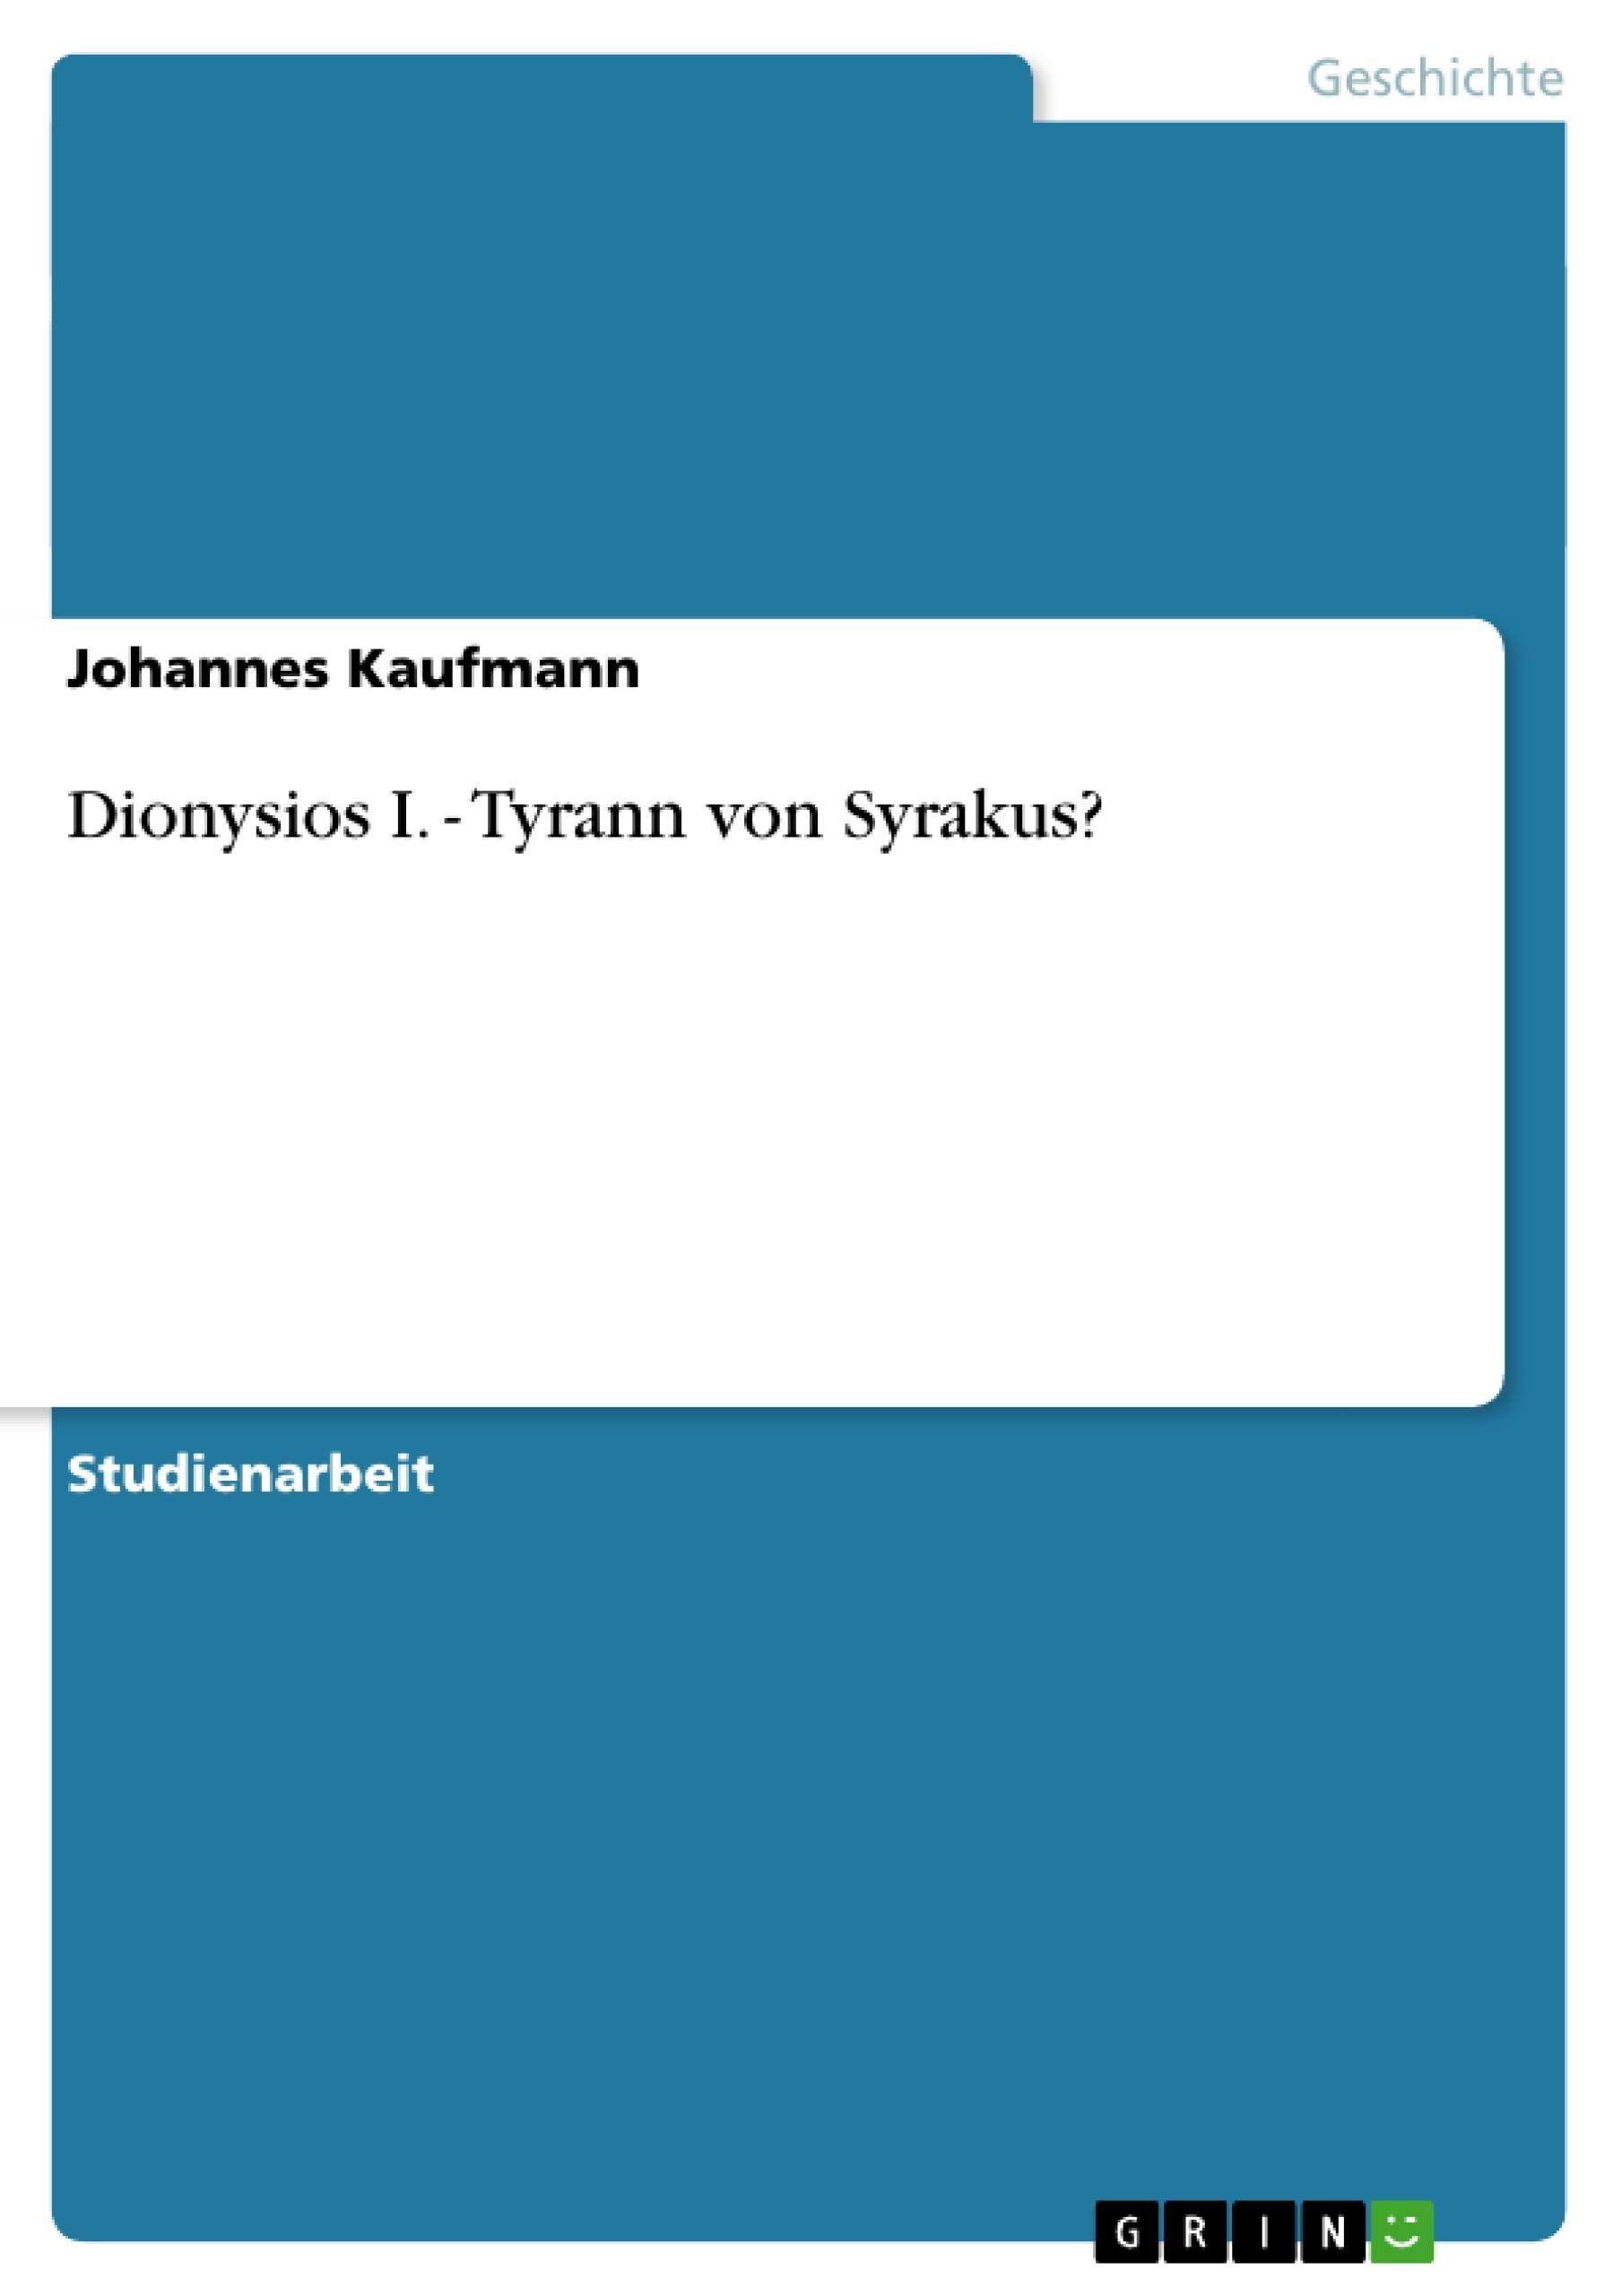 Titel: Dionysios I. - Tyrann von Syrakus?